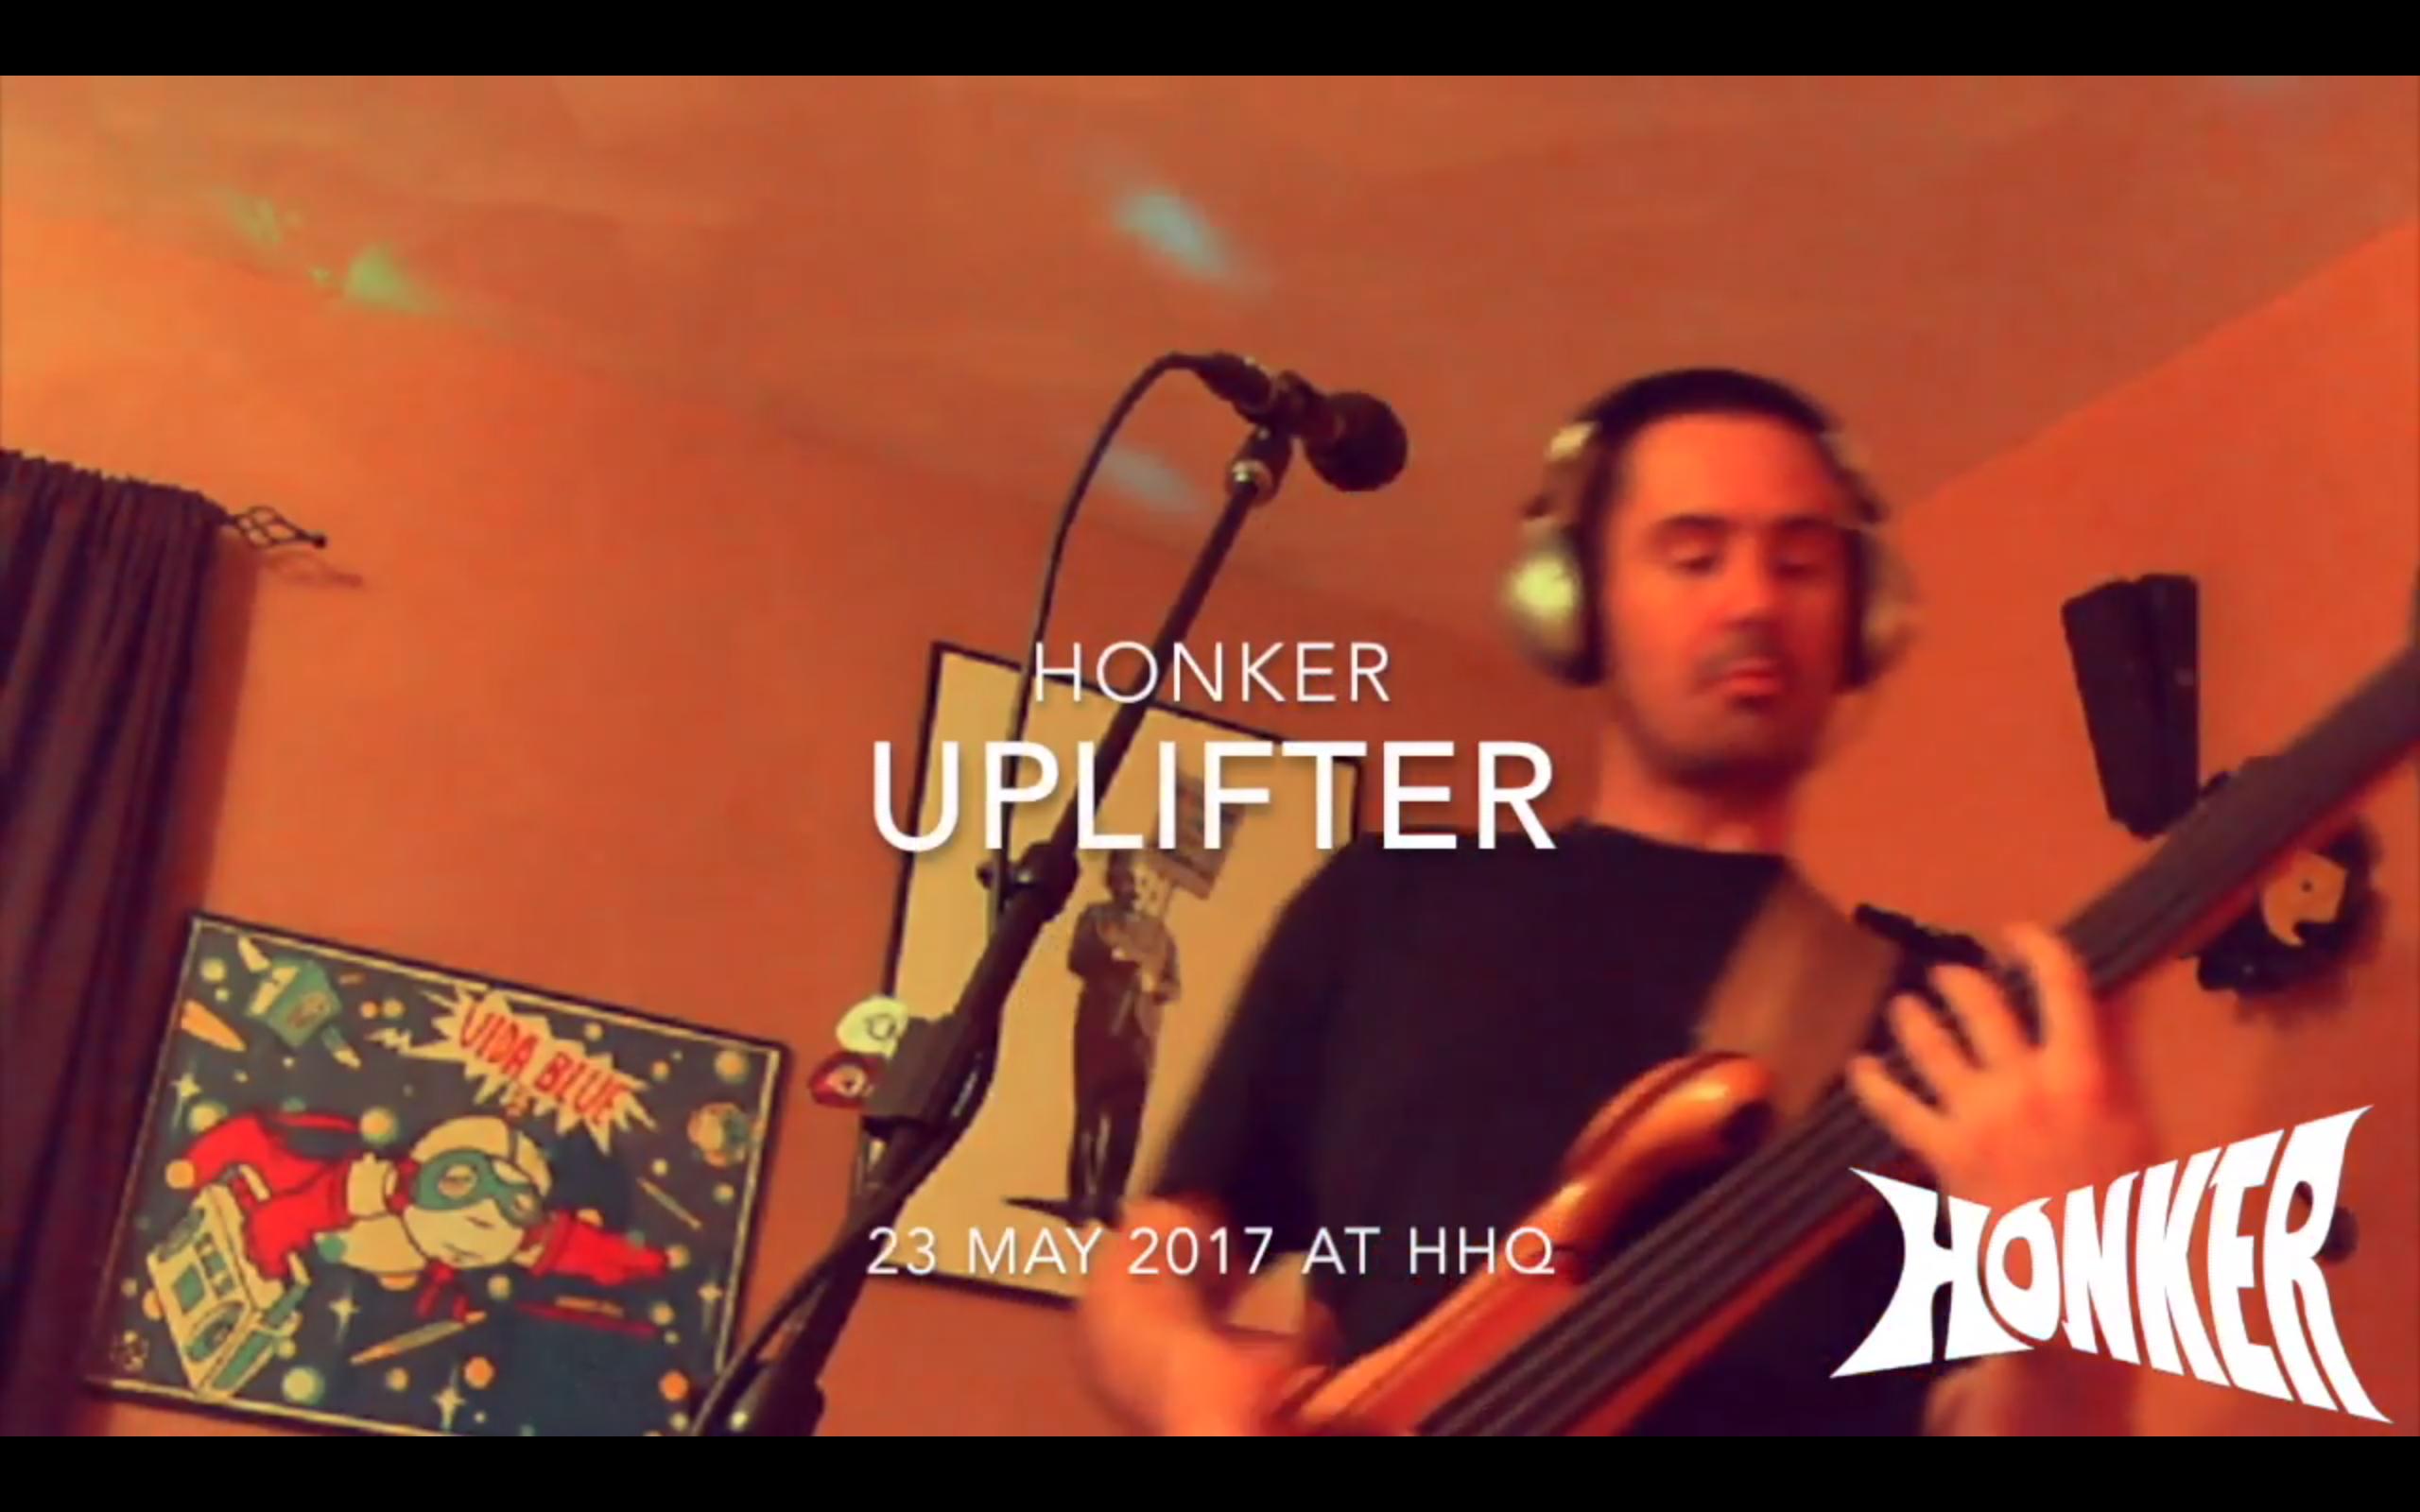 Uplifter 23 May 2017